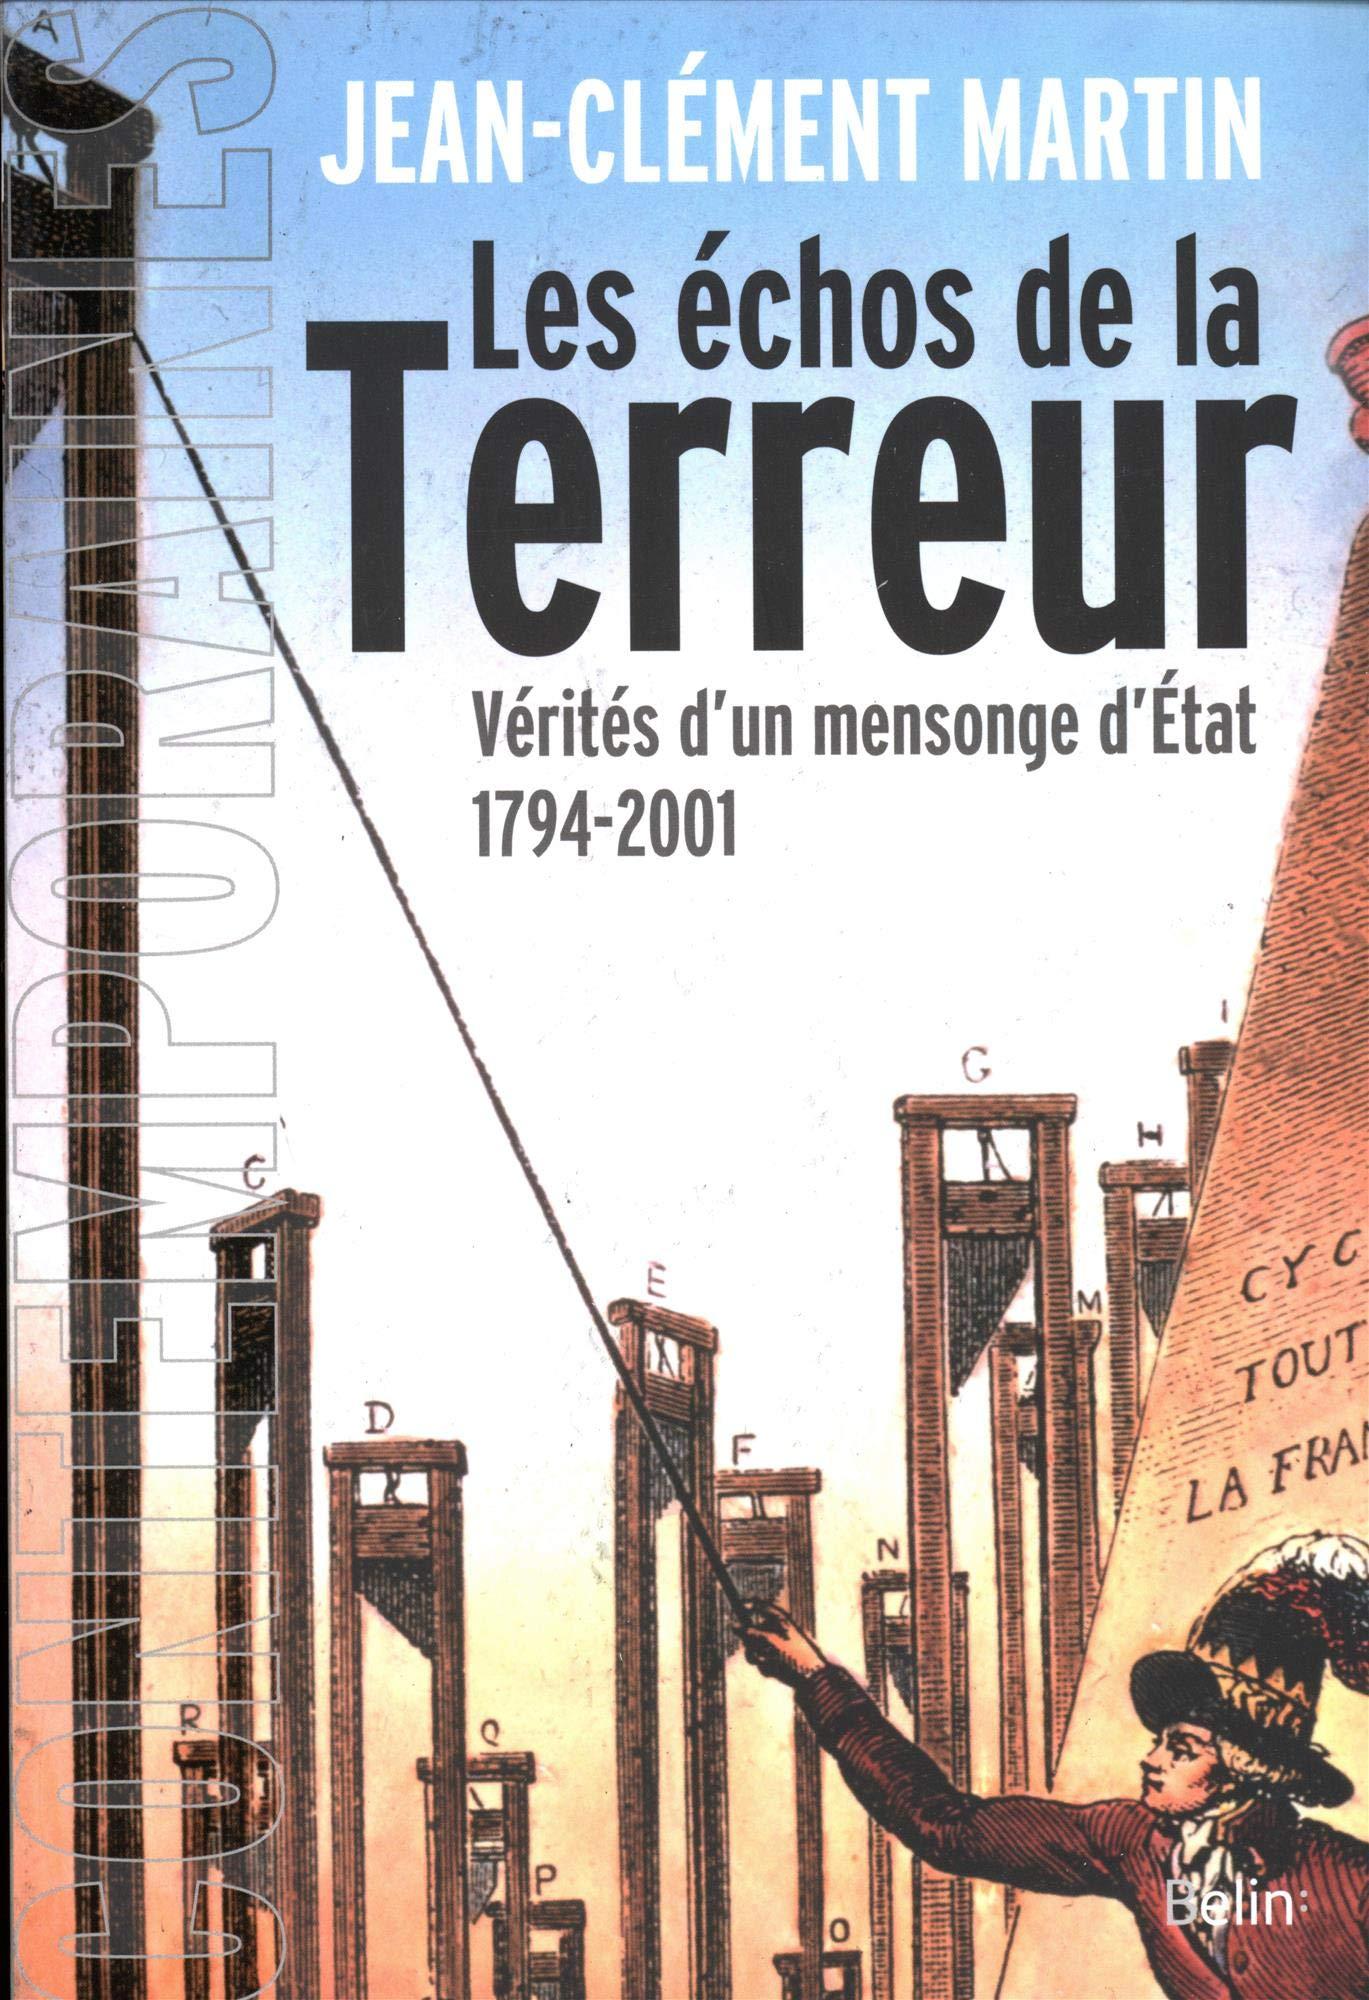 Les échos de la Terreur : Vérités d'un mensonge d'Etat (1794-2001) - Jean-Clément Martin (Belin).